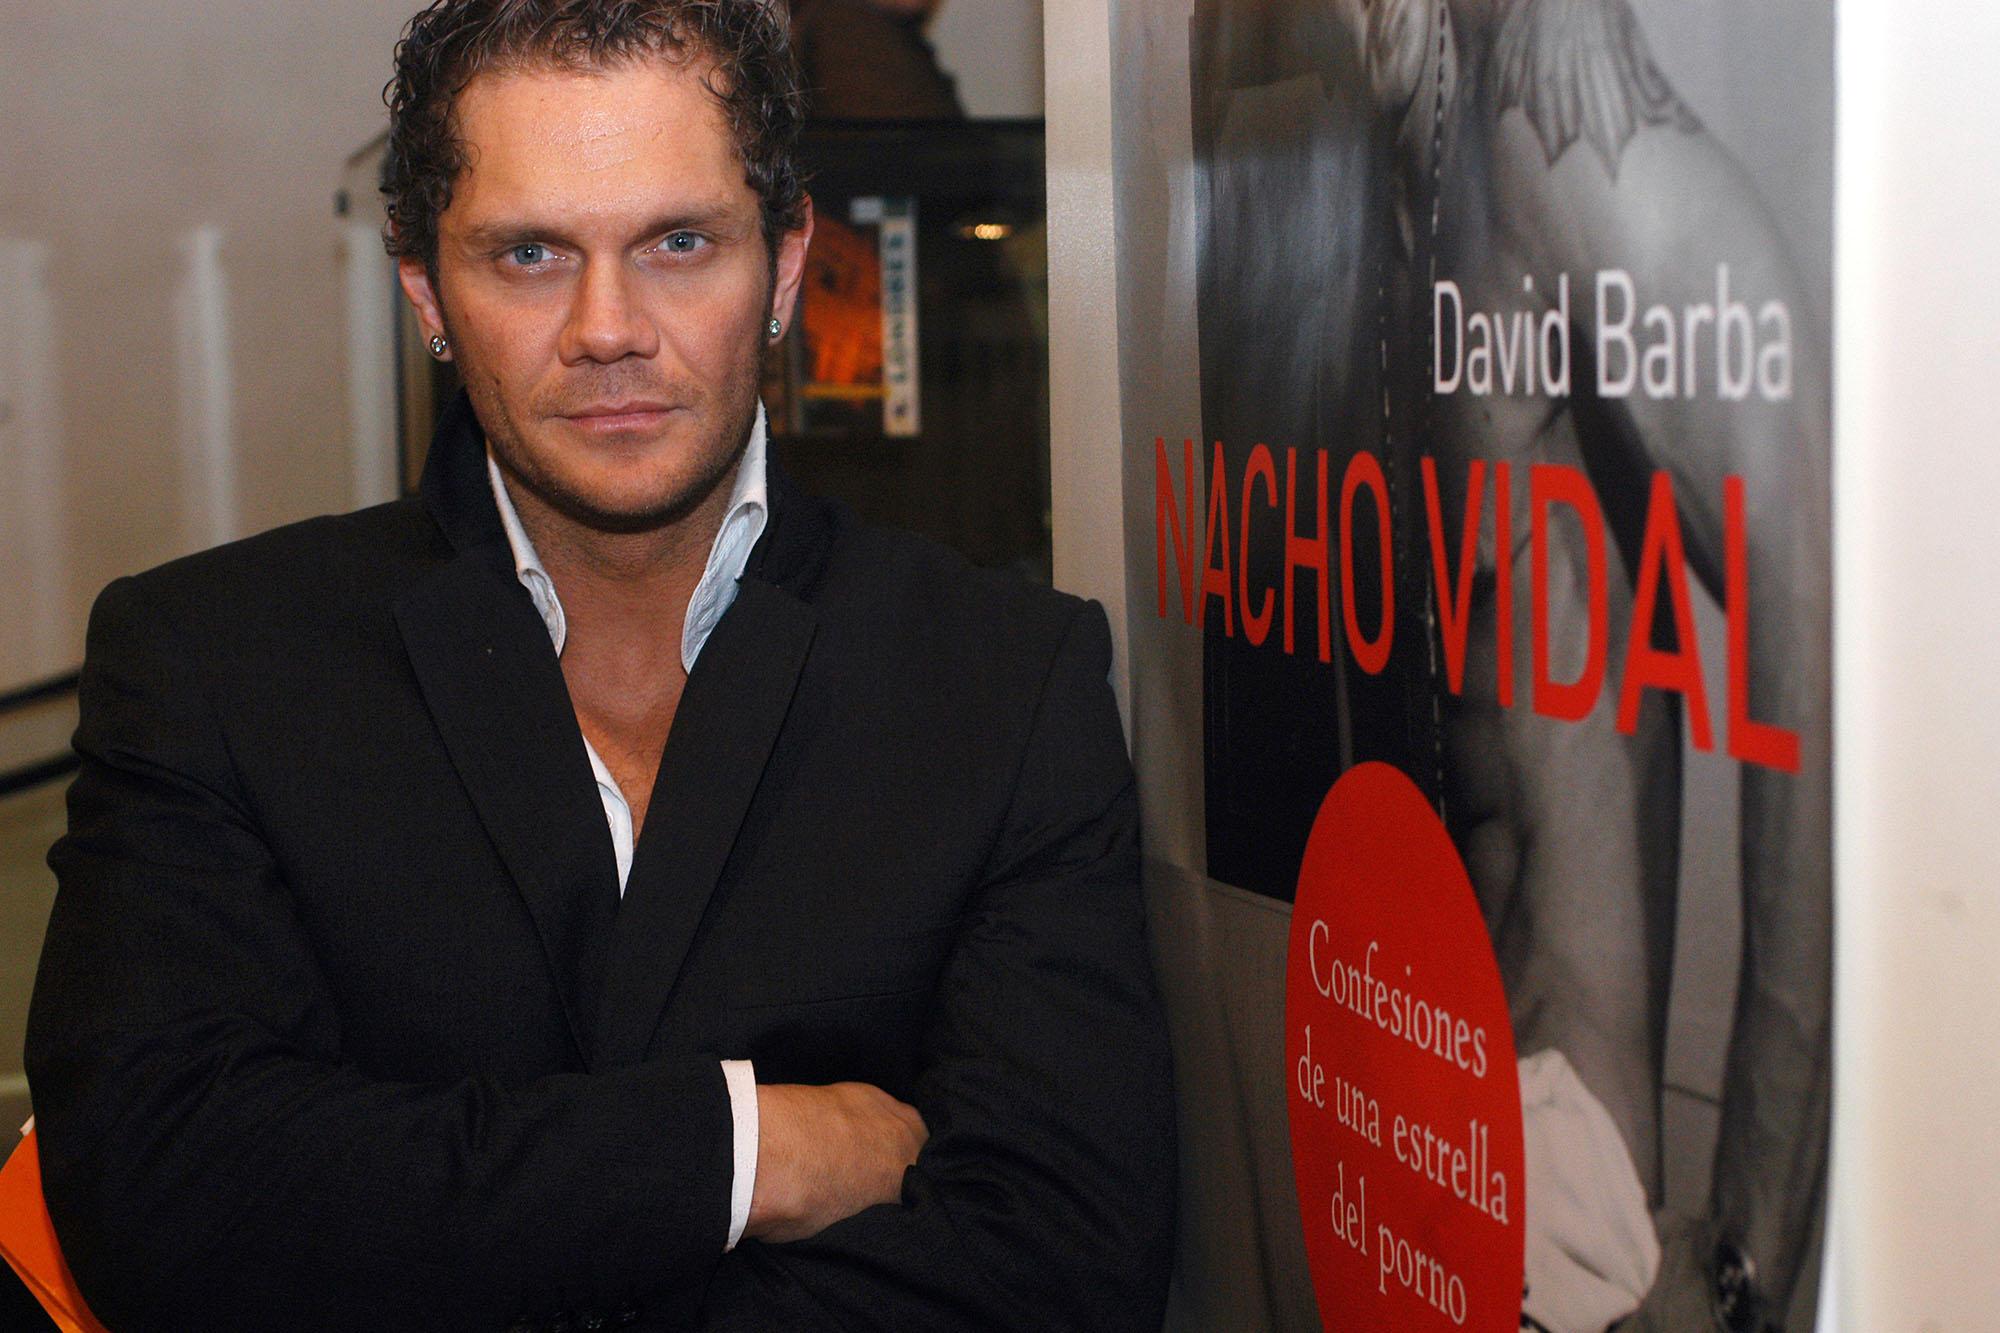 Interview nacho vidal Nacho Vidal: